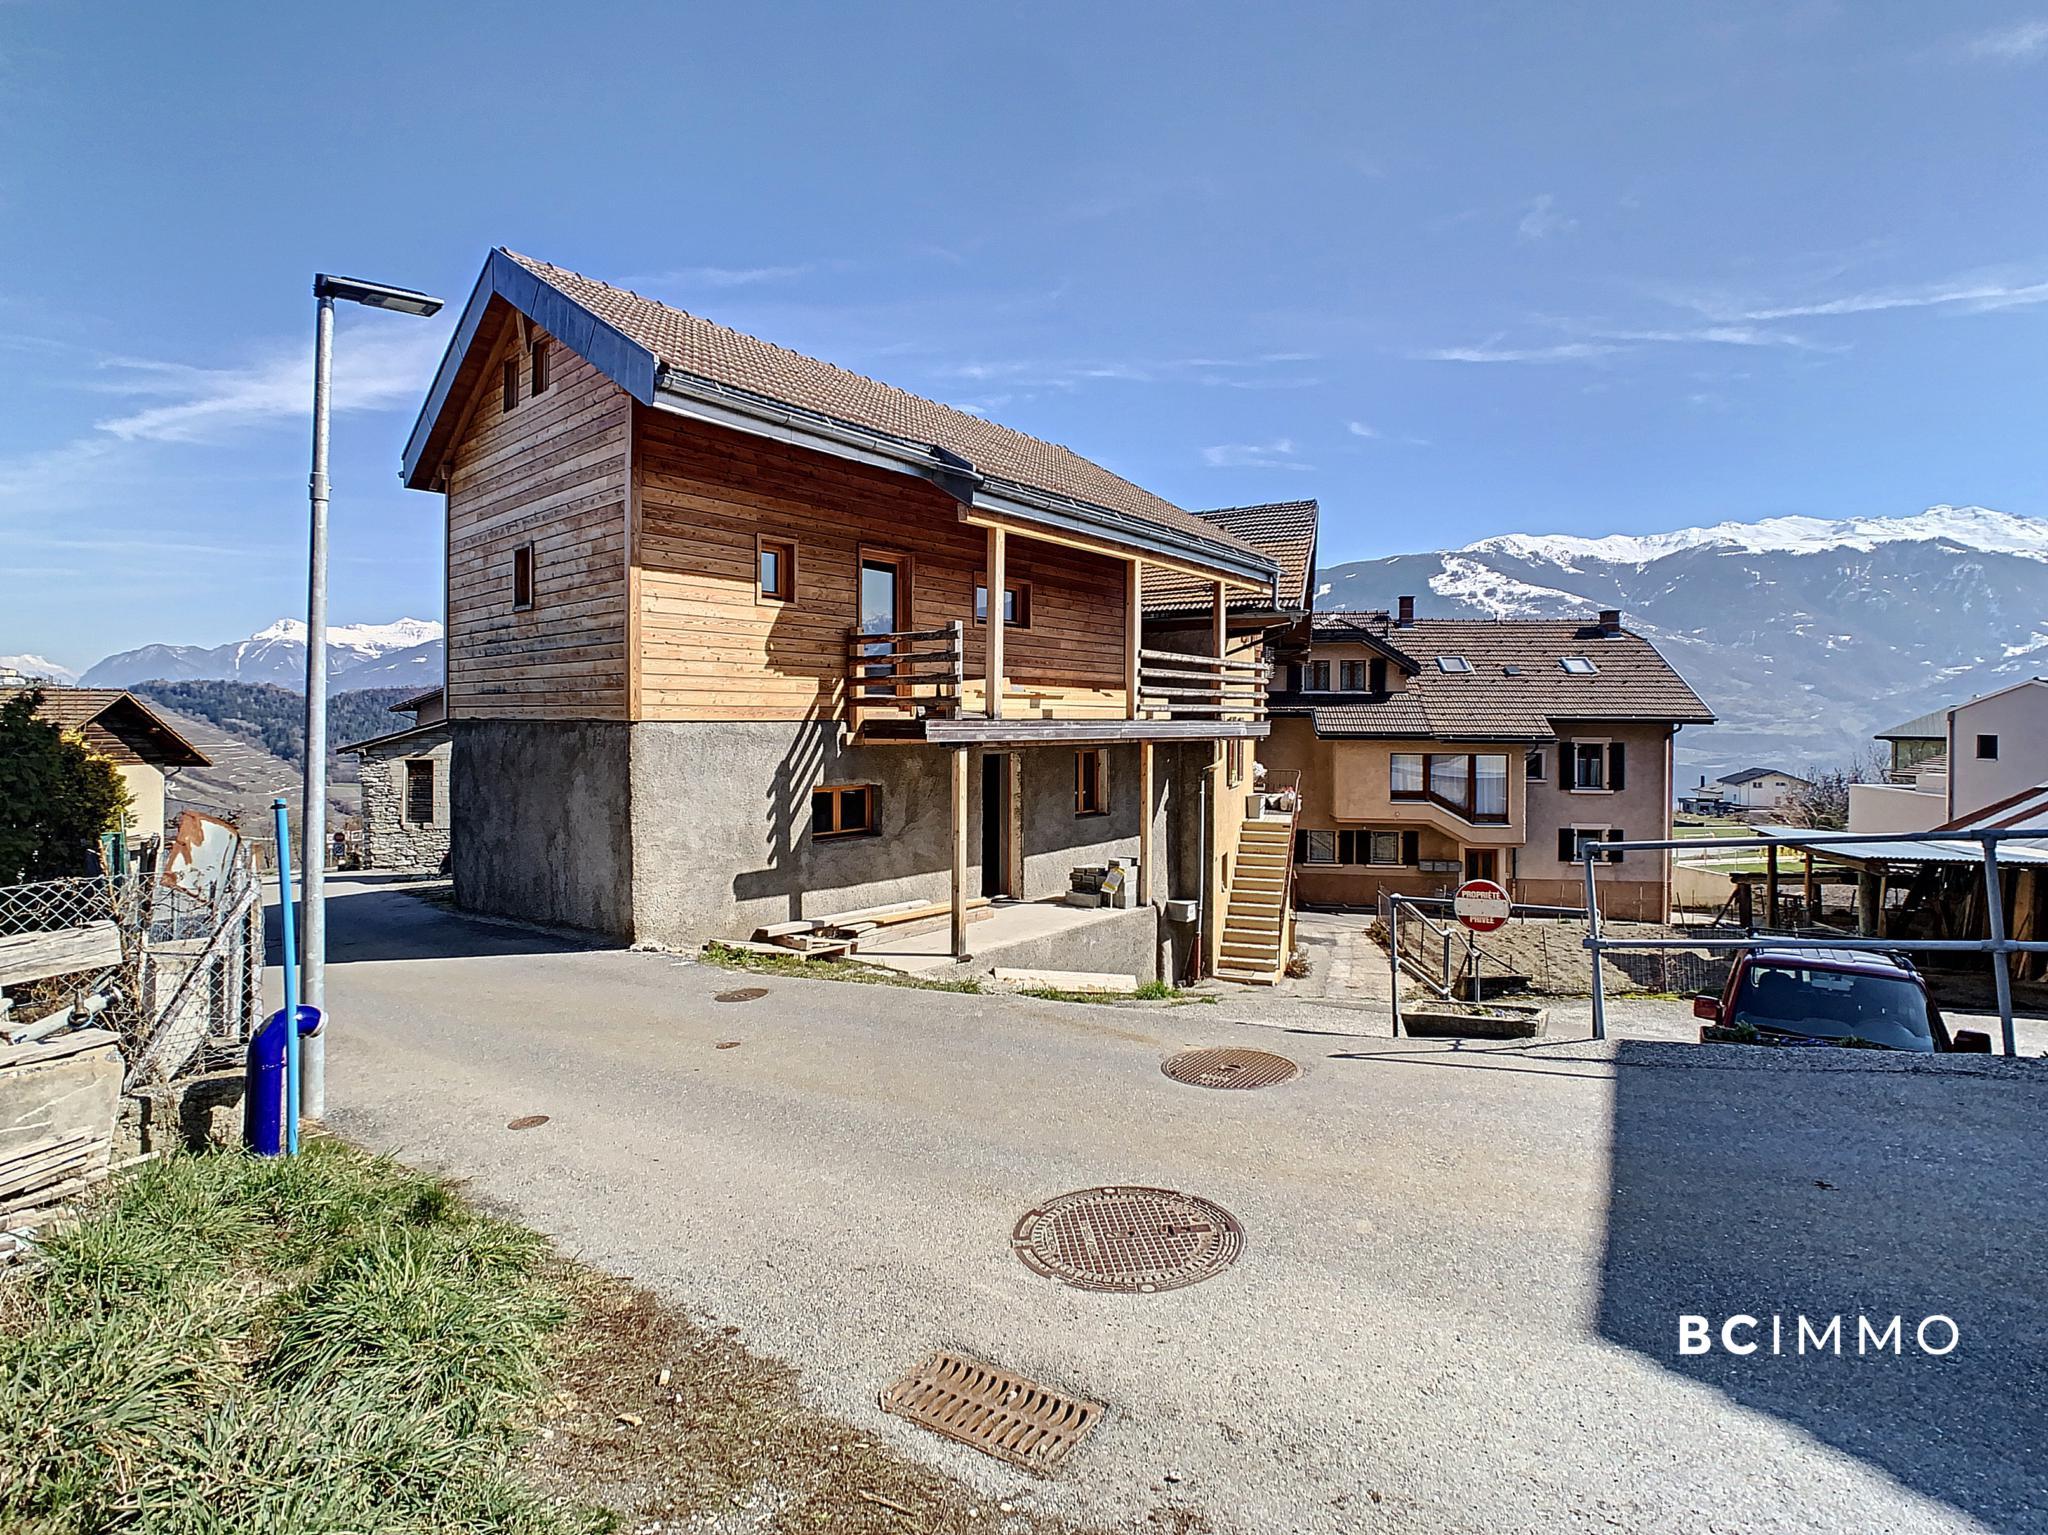 BC Immo - Votre projet d'habitation dans un cadre idyllique  - 1976DCM